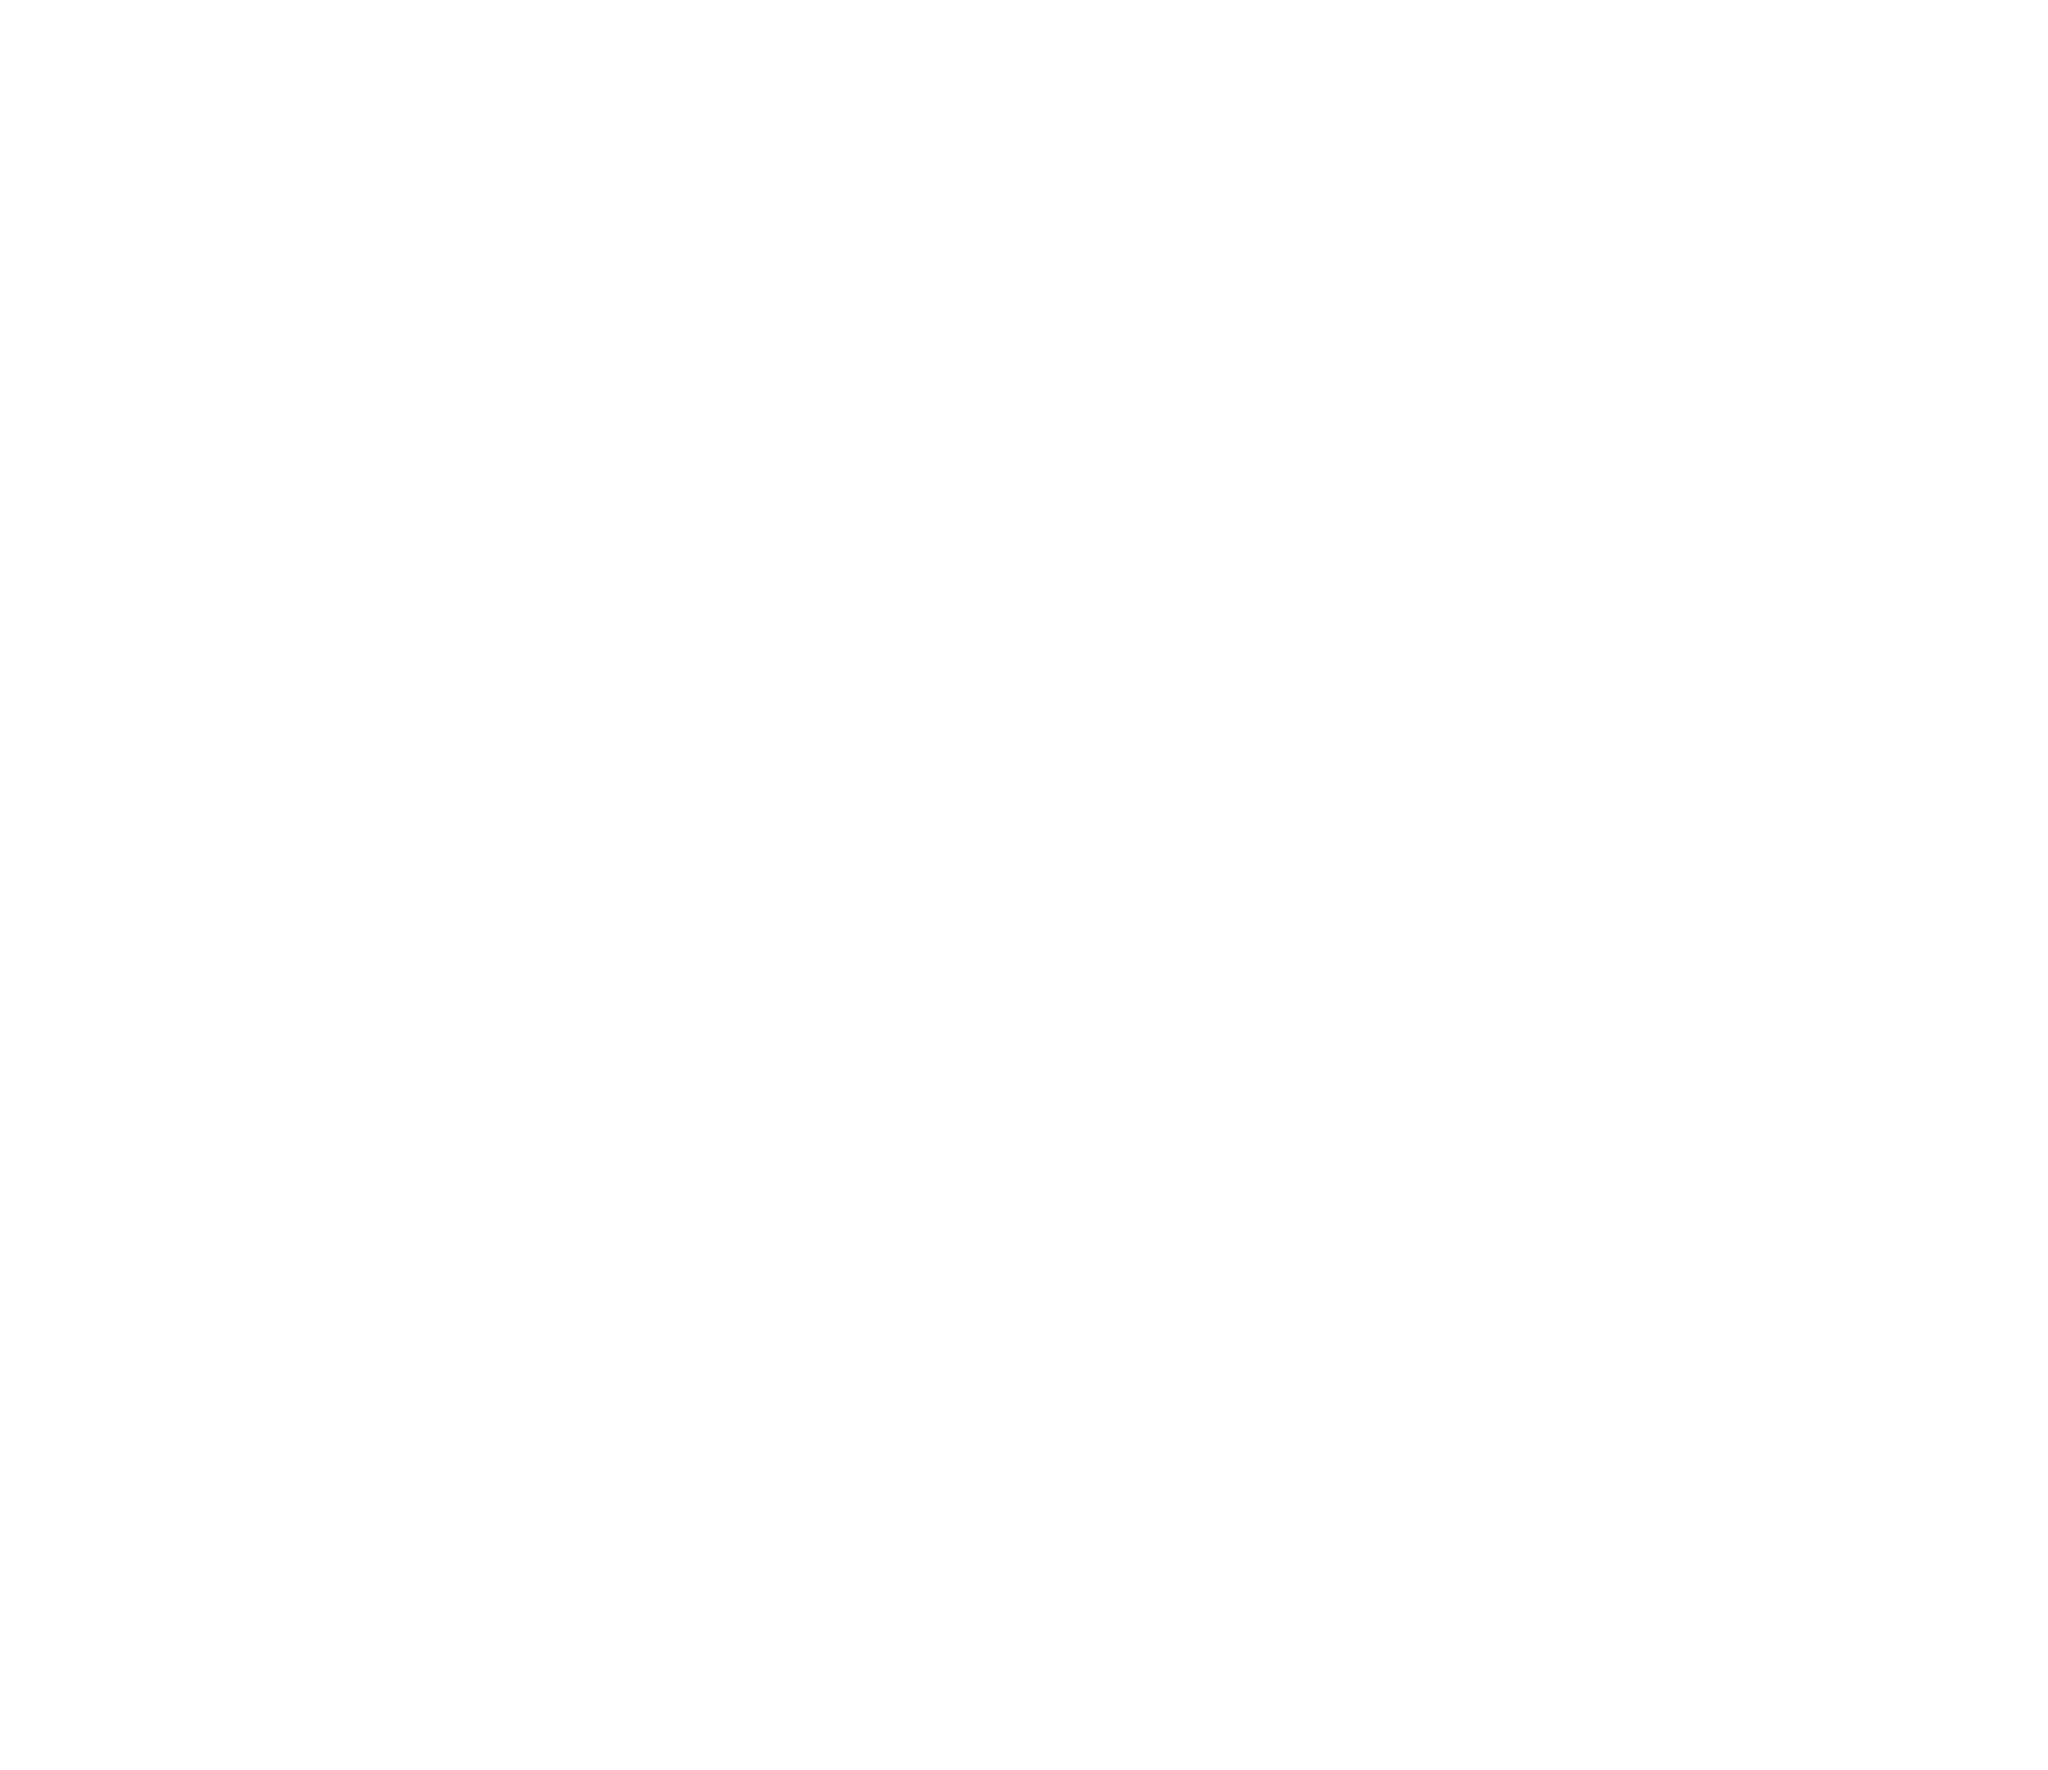 Jaktgalan 2022